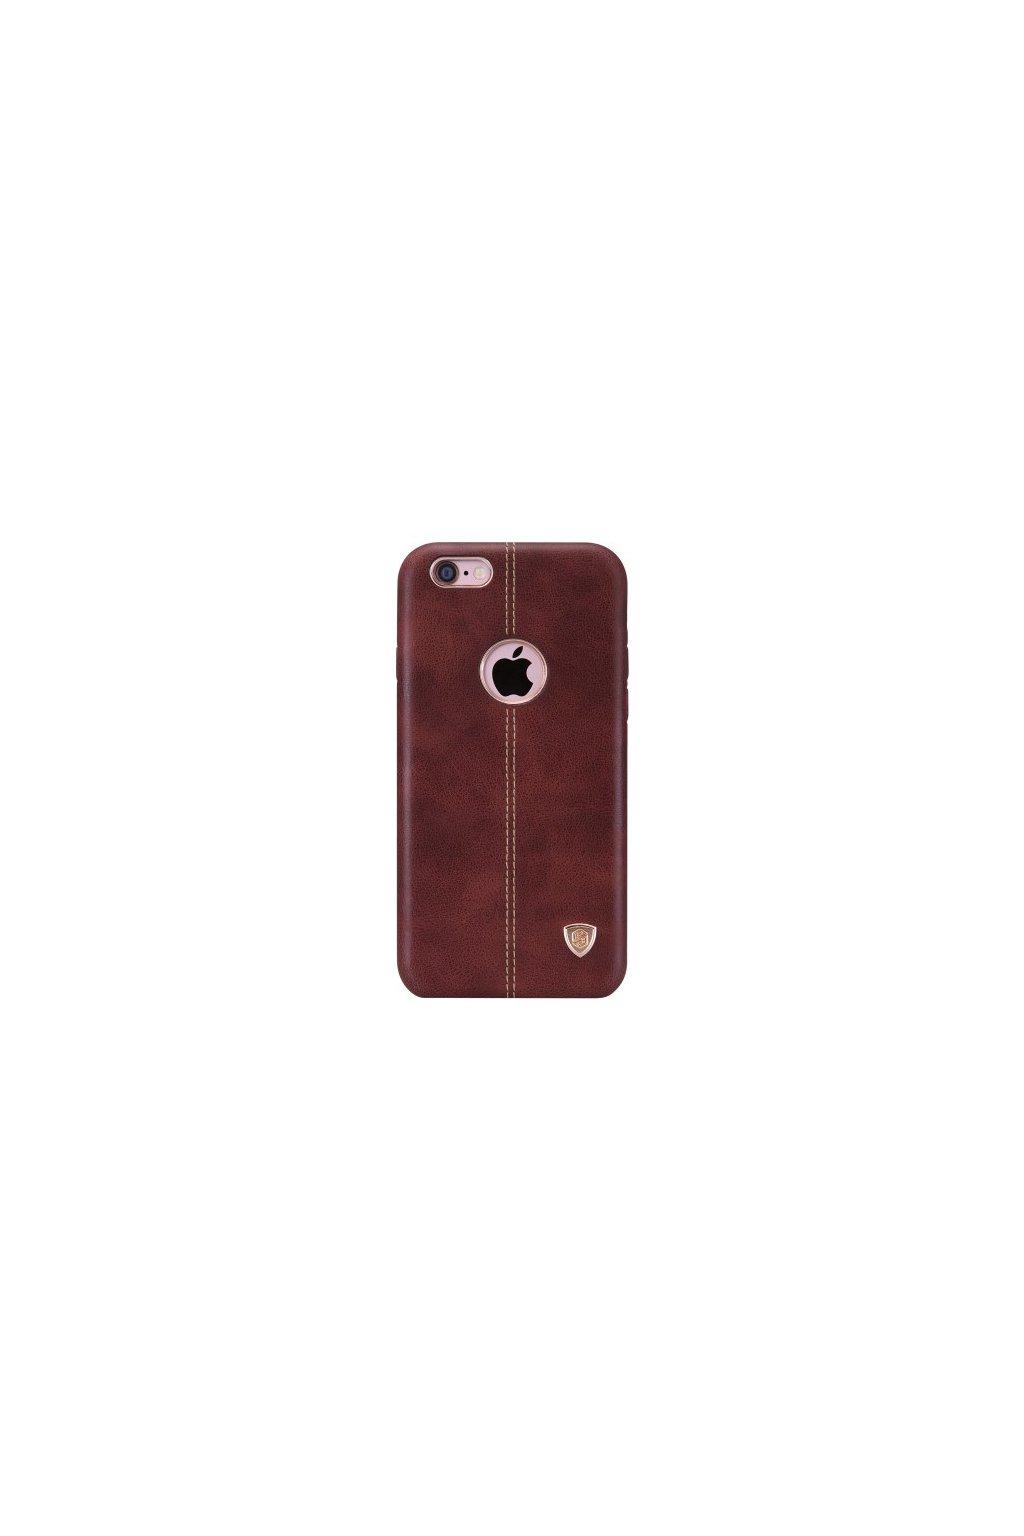 Pouzdro Nillkin Englon Apple iPhone 6/6S Plus, brown